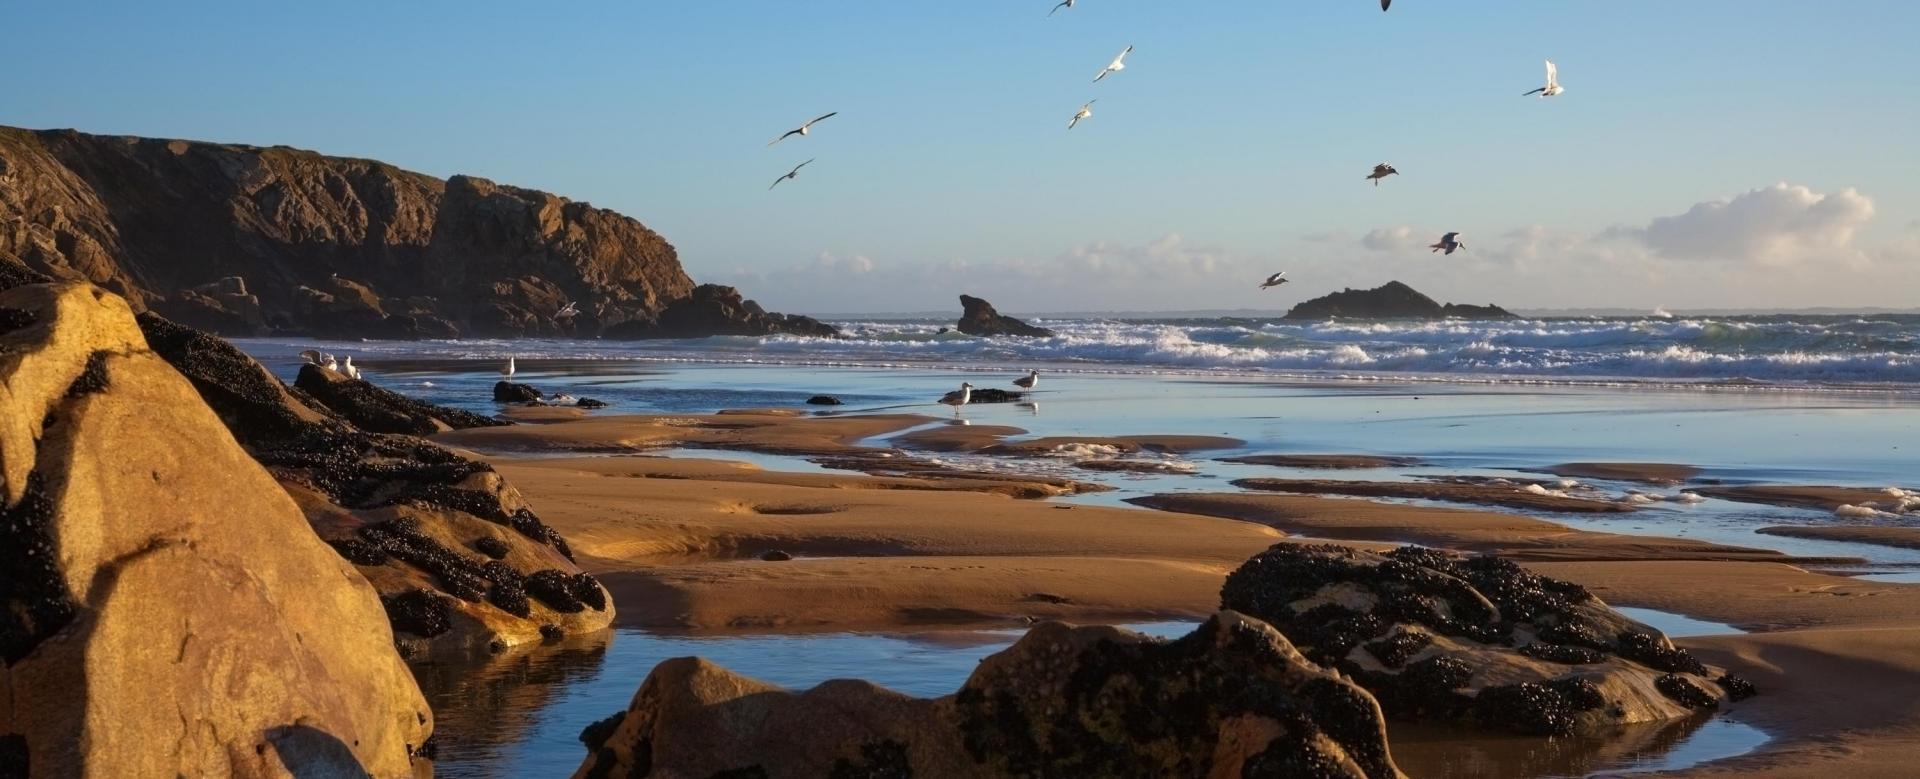 Voyage à vélo : Bretagne : Escapade à vélo dans le golfe du morbihan